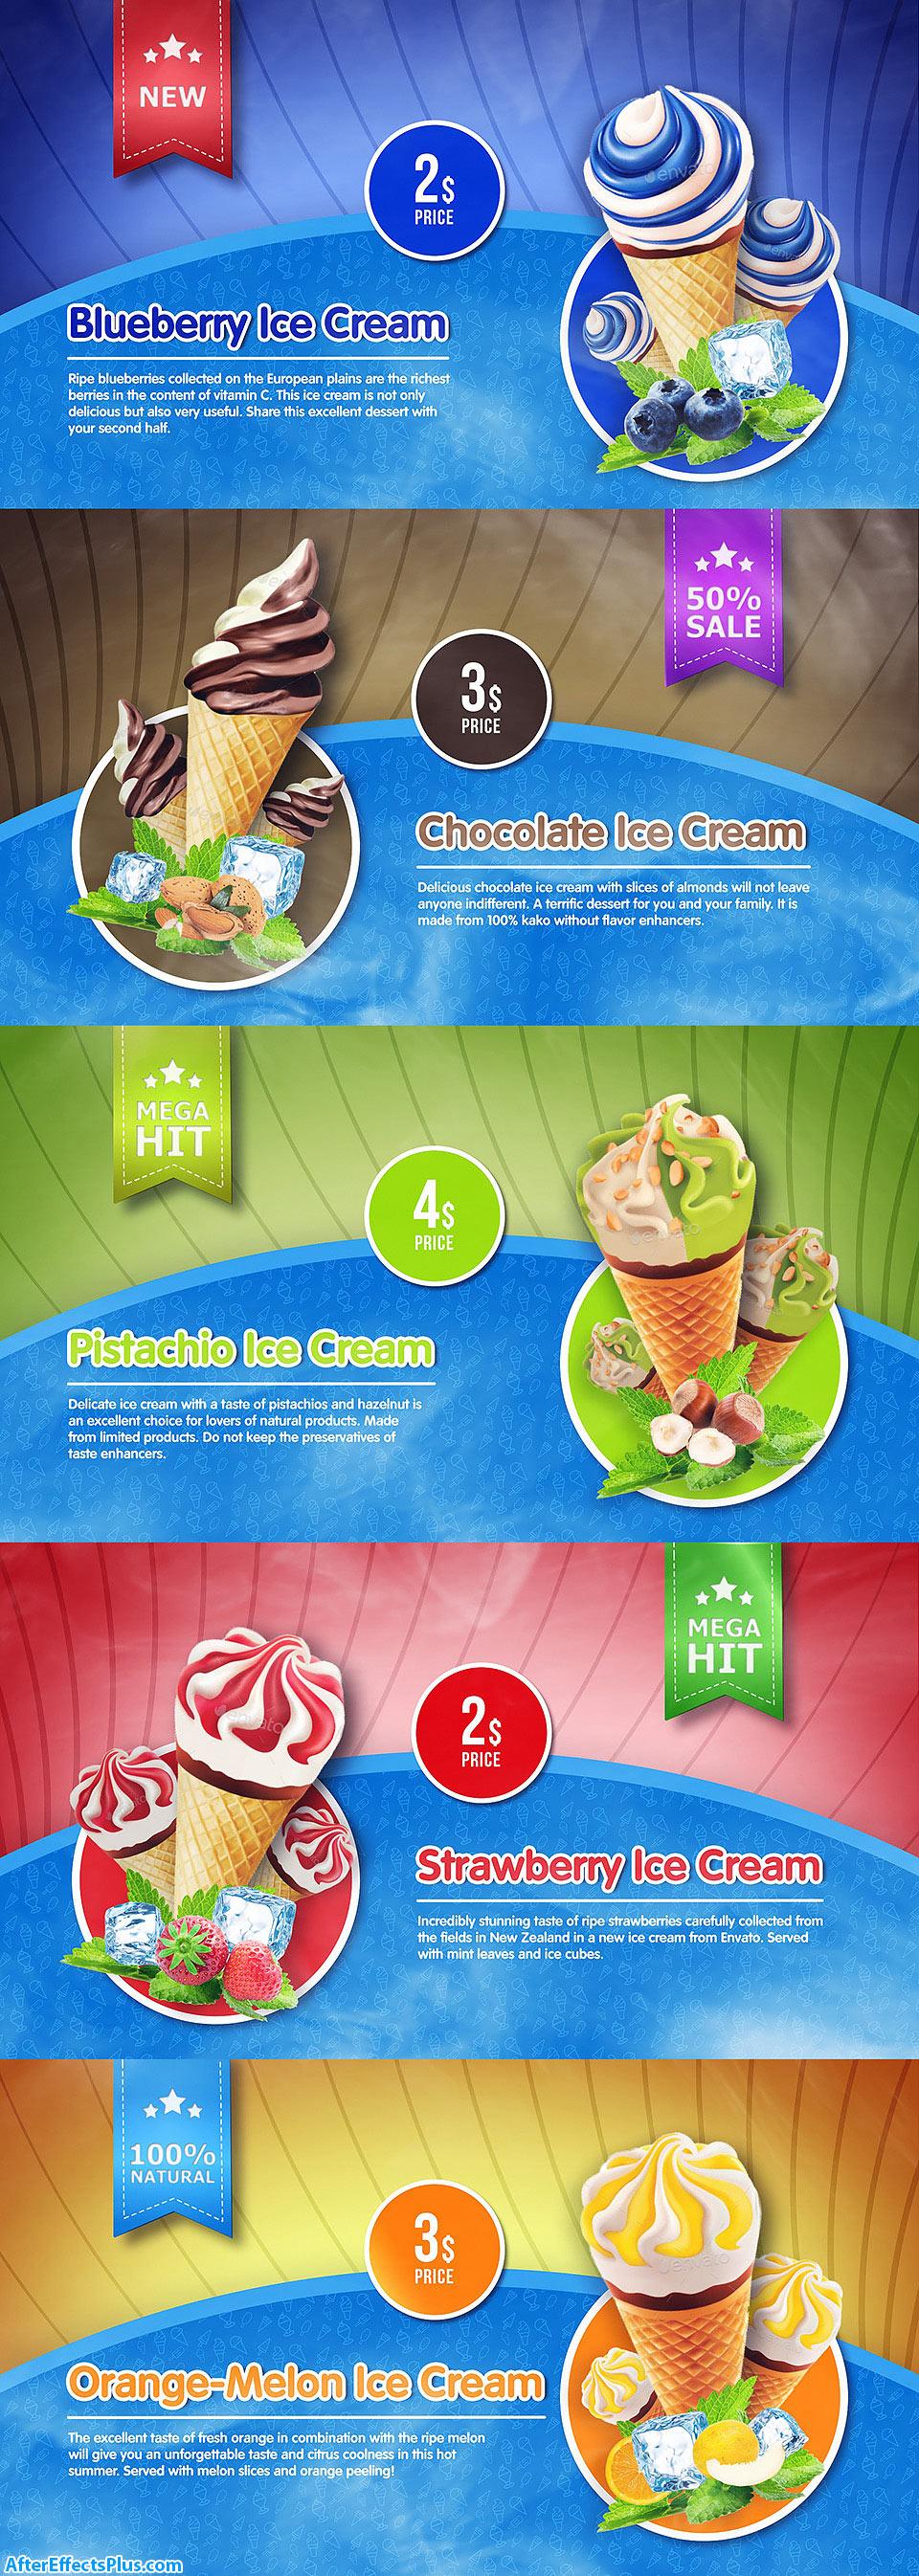 پروژه افتر افکت اینترو و تیزر تبلیغاتی بستنی فروشی - Ice Cream Menu